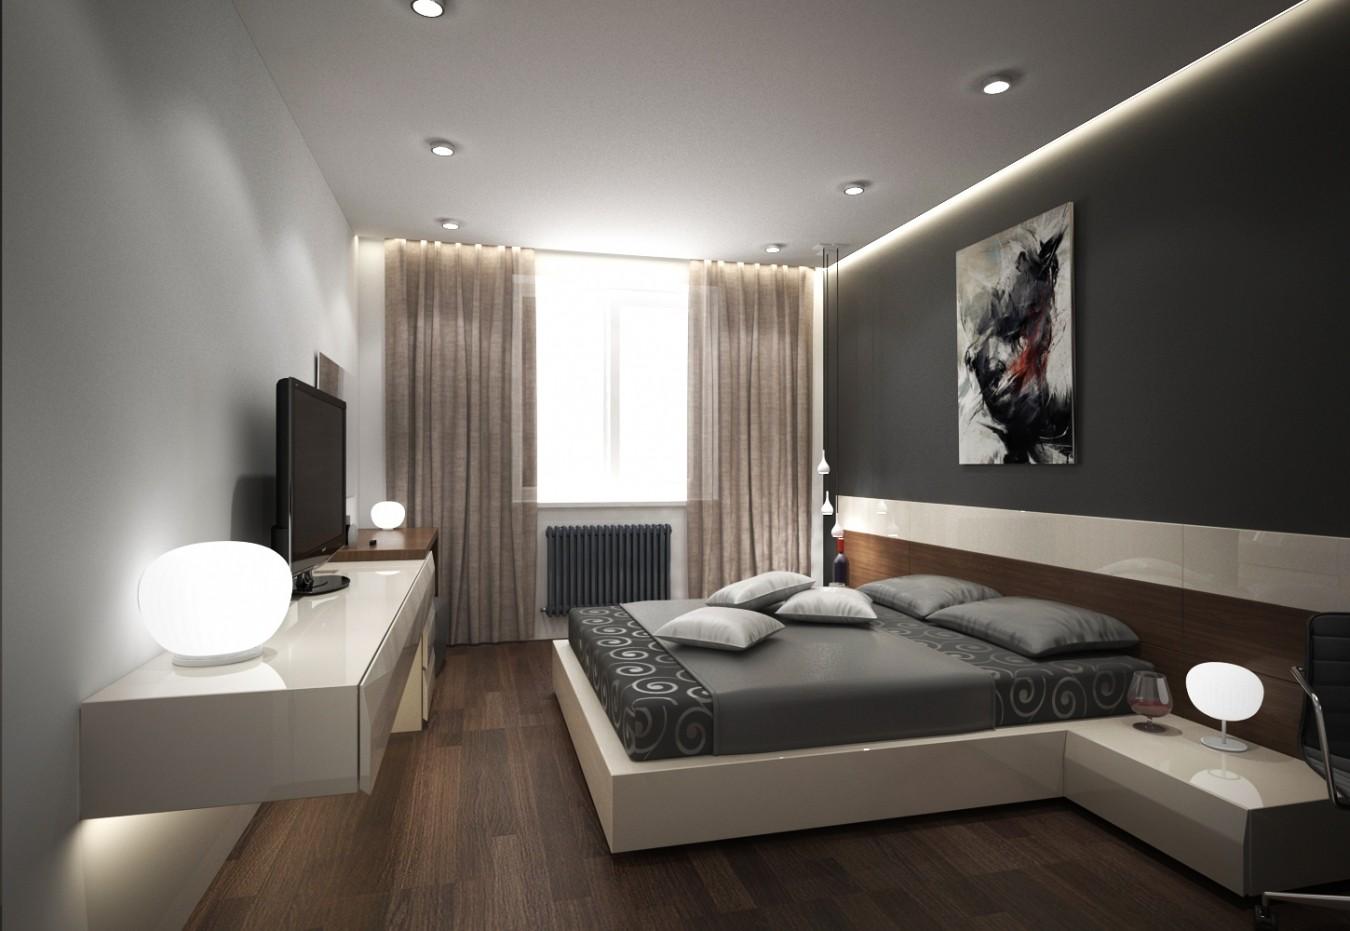 спальня площадью 5 на 5 метров освещение